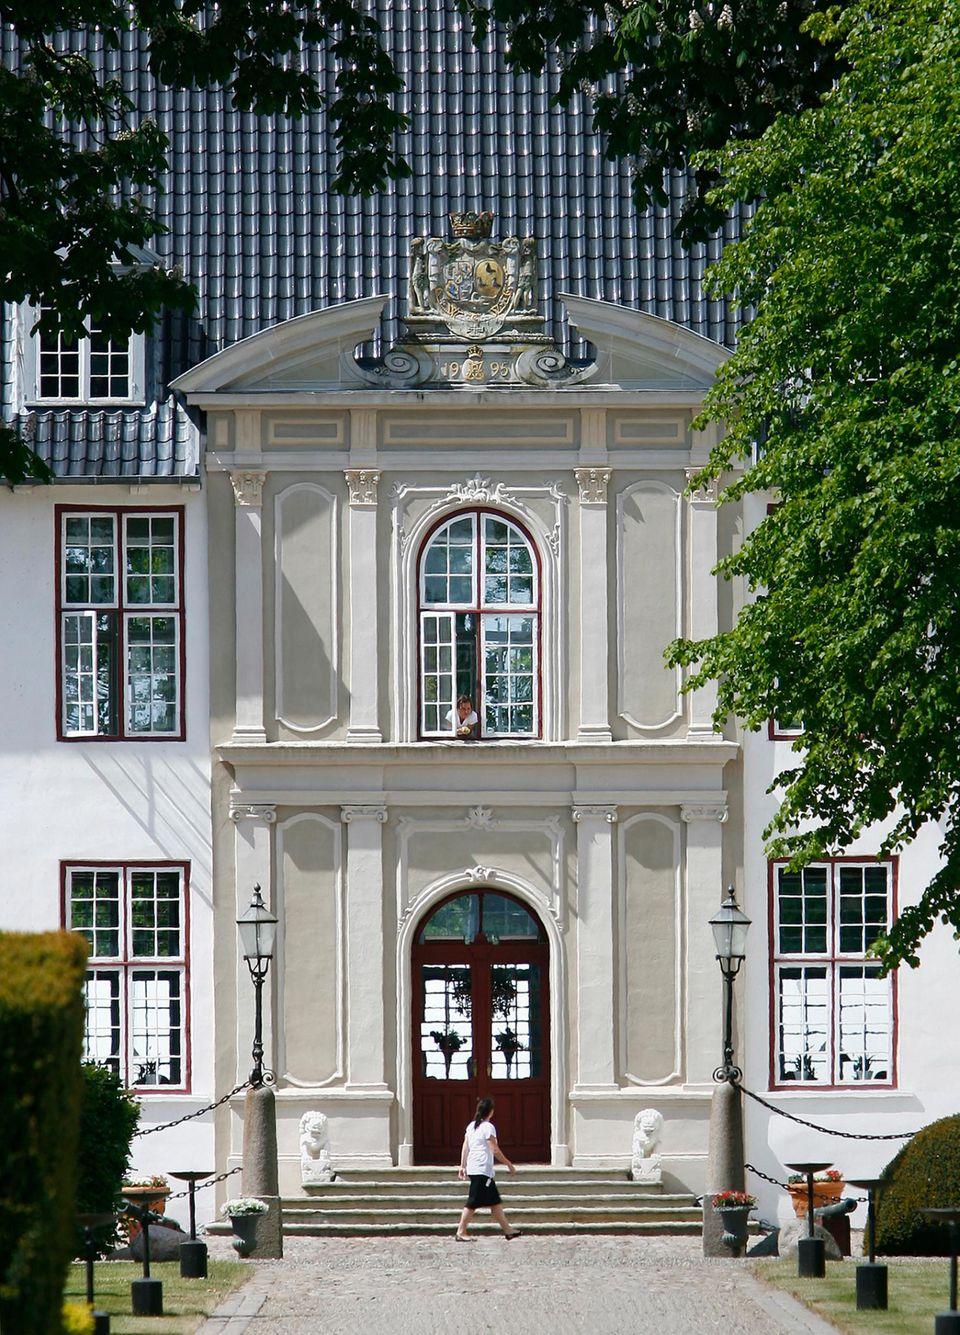 Der bisherige Wohnsitz von Prinz Joachim und Prinzessin Marie ist das Barockschloss Schackenborg, das im kleinen Örtchen Møgeltønder im Süden von Jütland liegt.